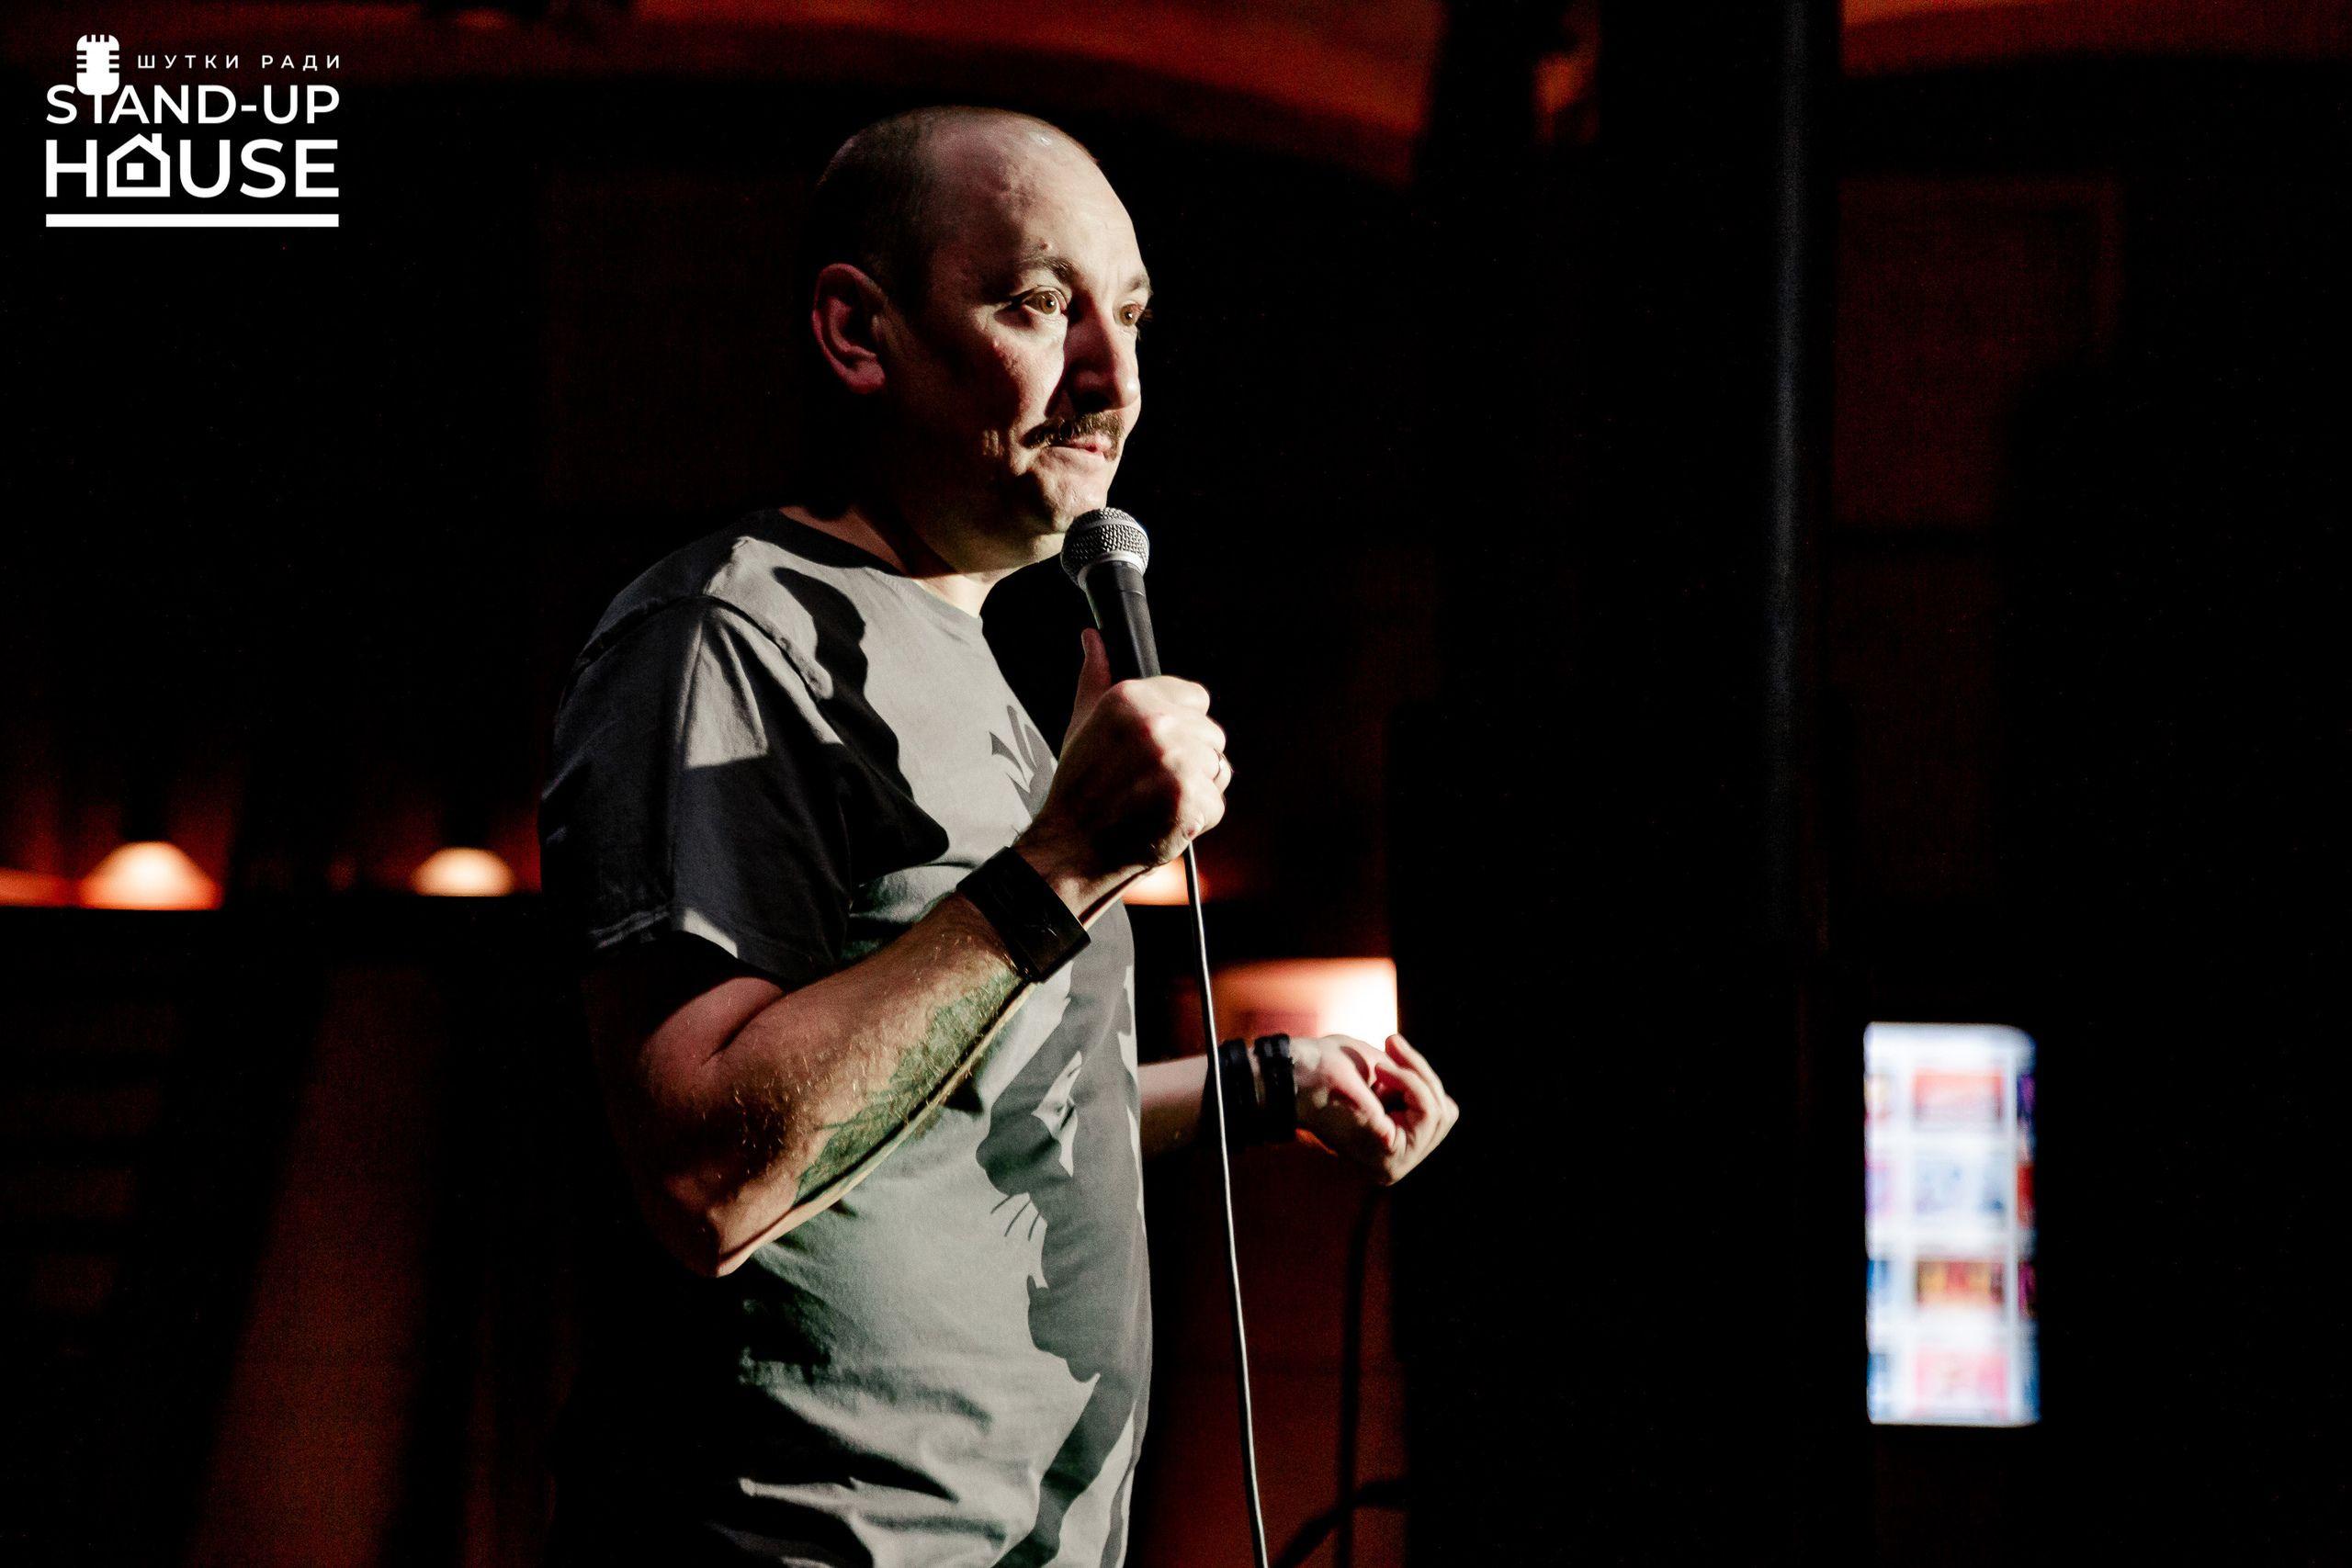 StandUp-вечера и авторские форматы шоу от ТВ- и YouTube-комиков в Stand-Up House фото 4